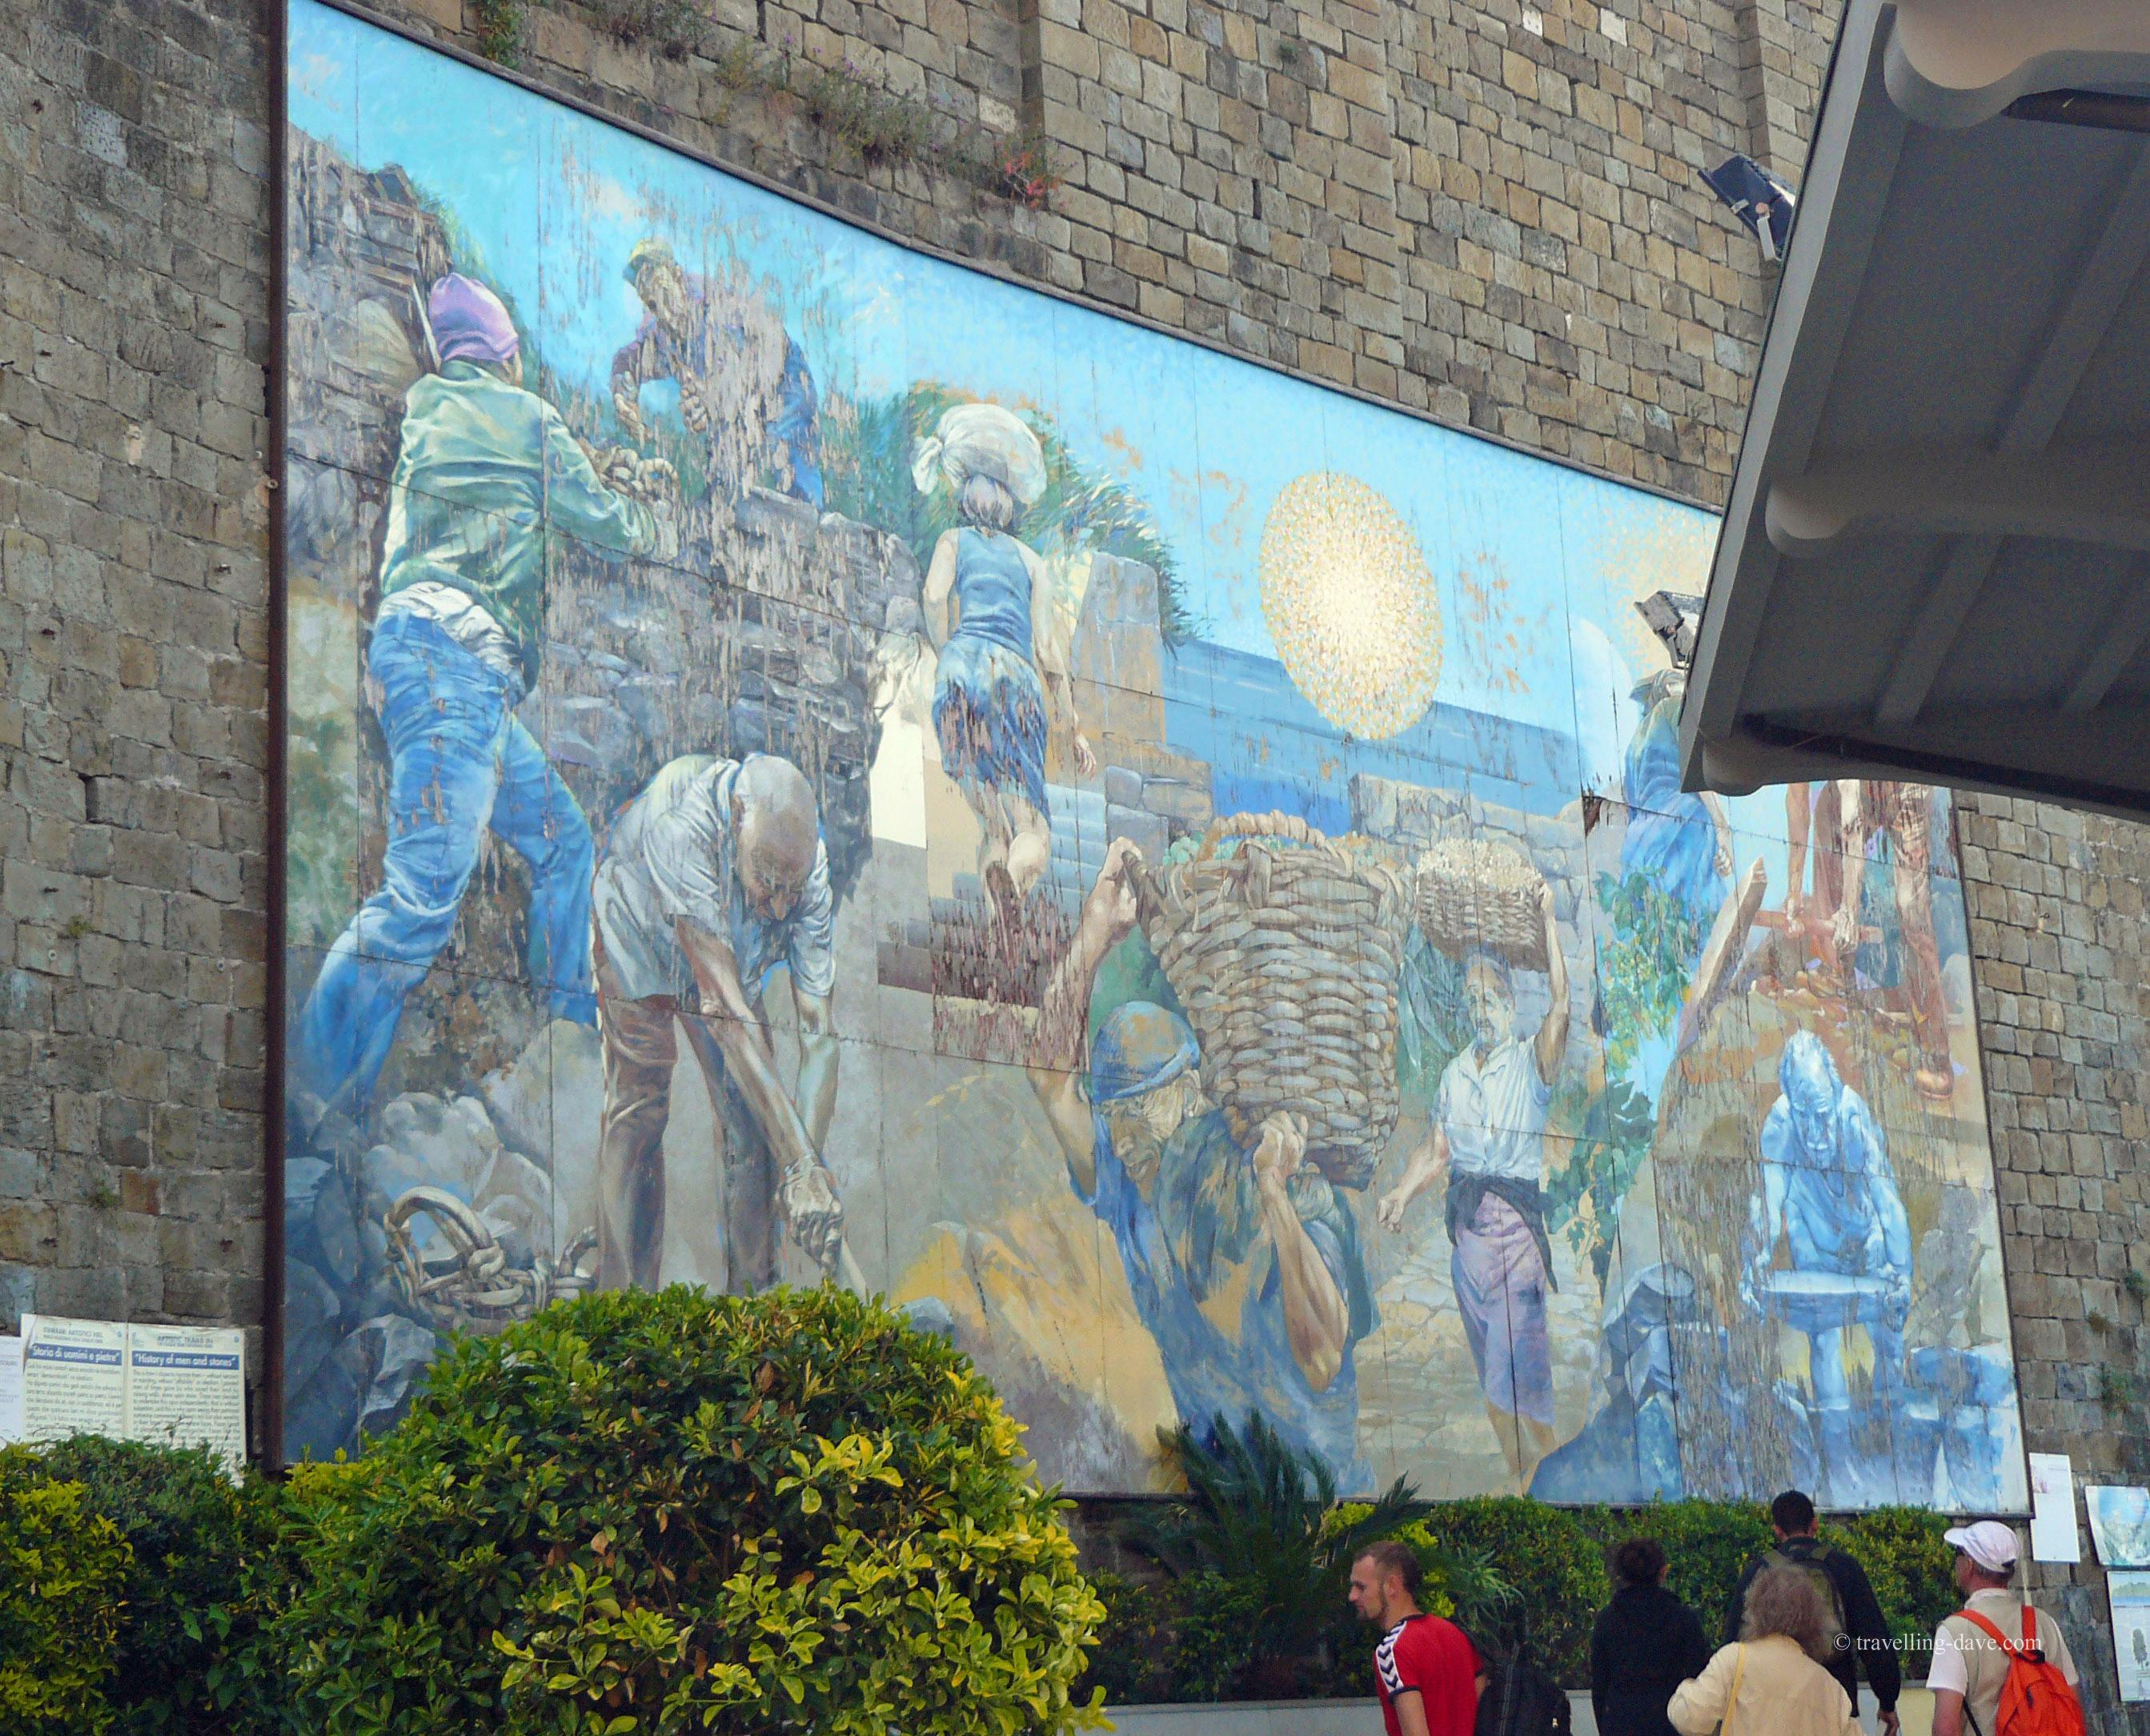 A beautiful mural outside Riomaggiore train station